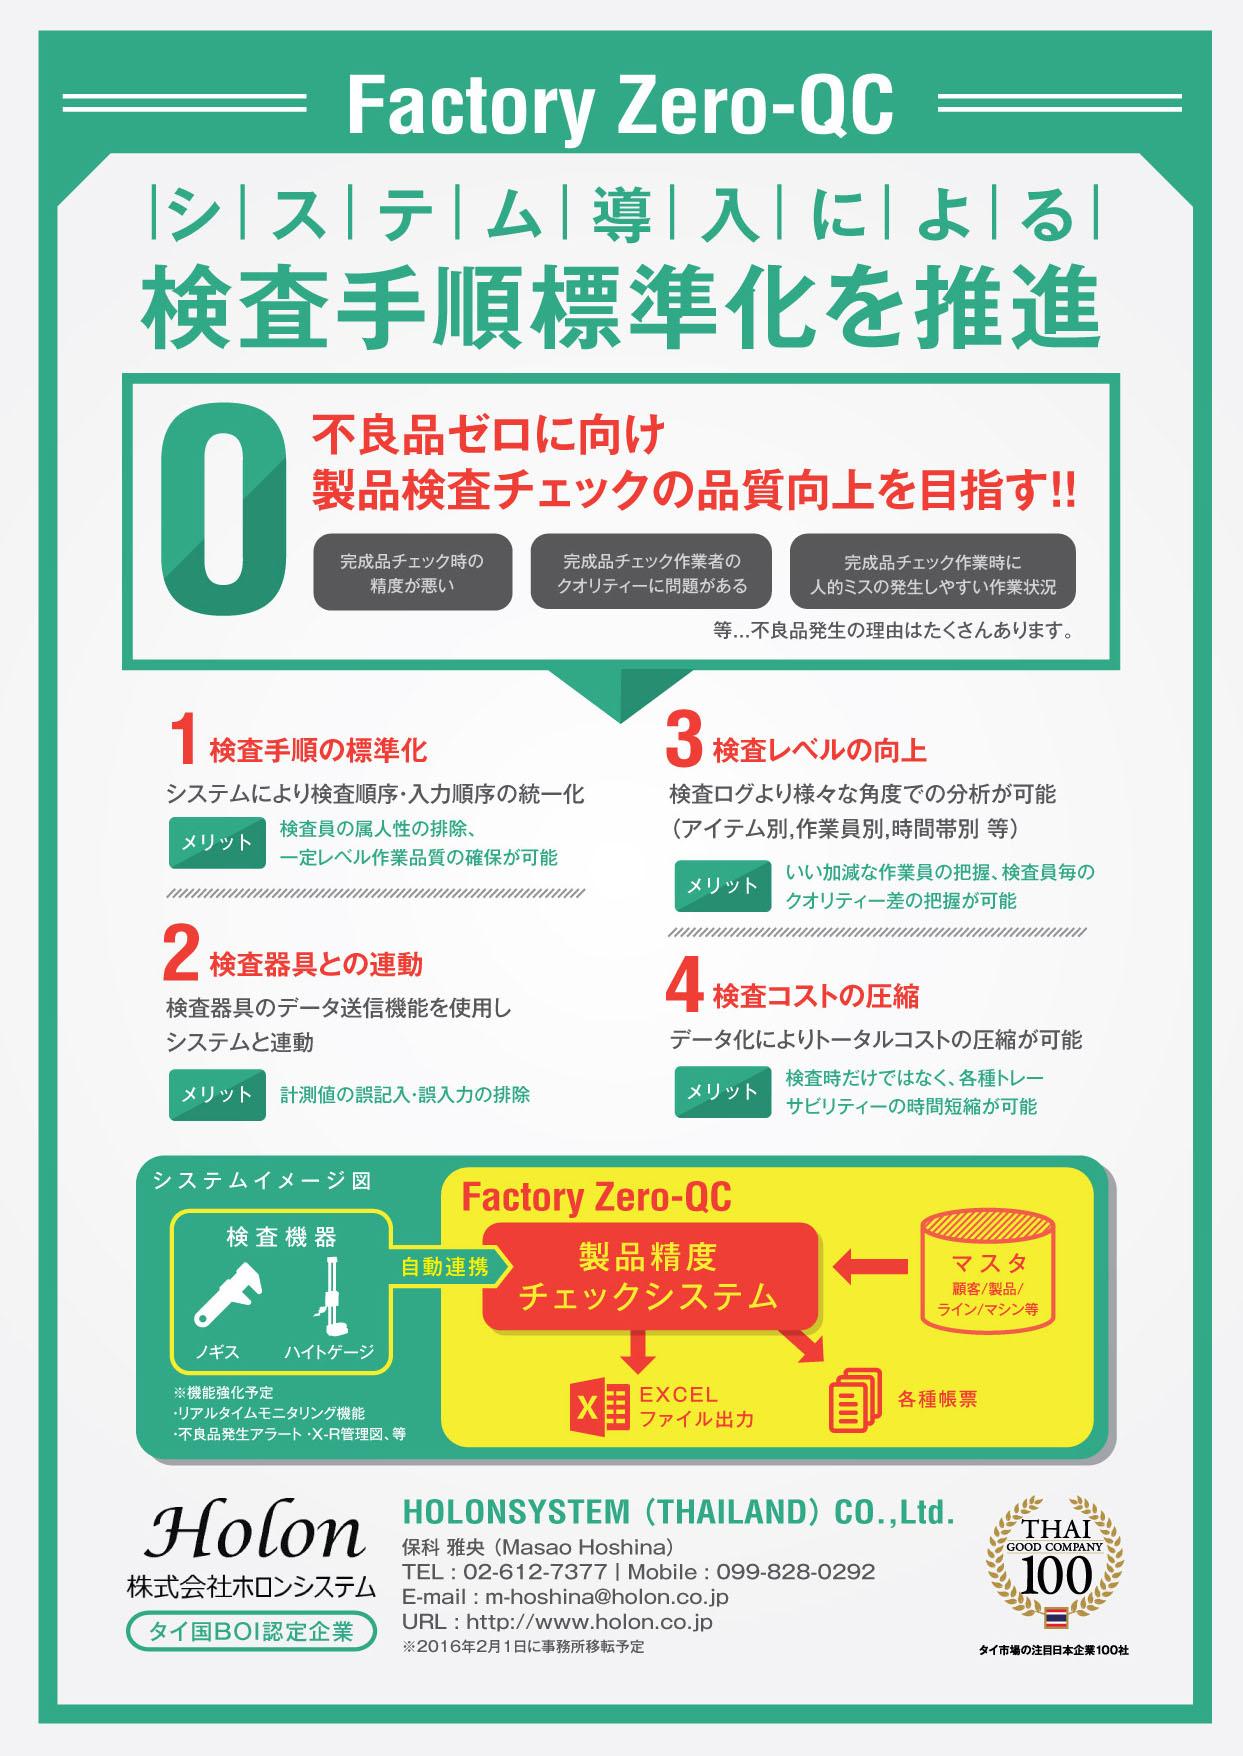 品質マネジメントシステム支援ソリューション 【製品名】Factory Zero-QC